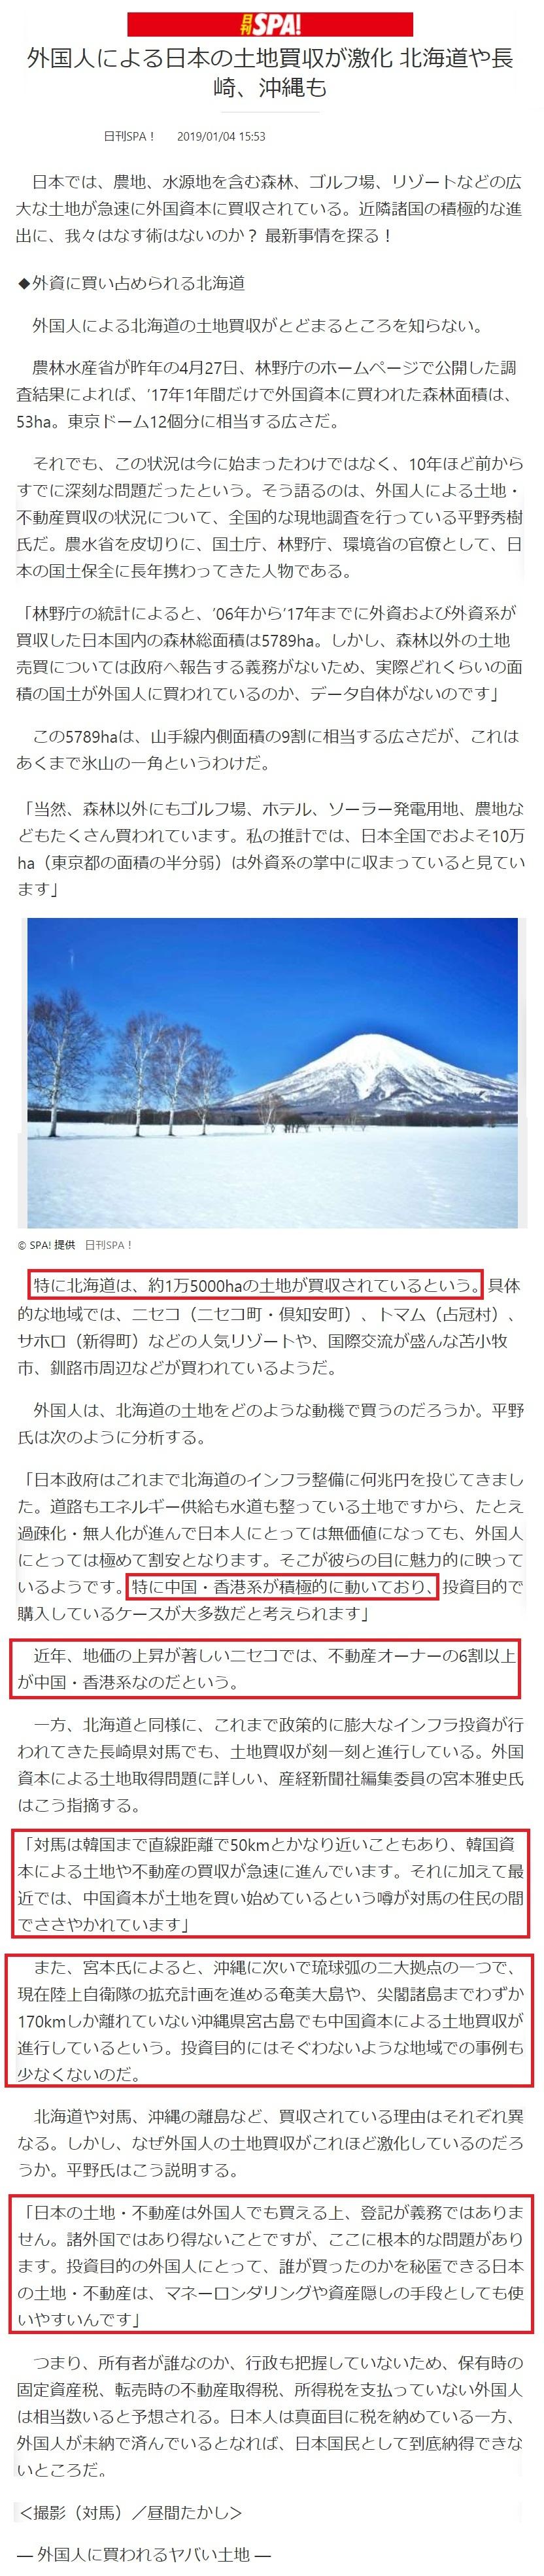 SPA「日本の土地を買いあさるシナチョン」